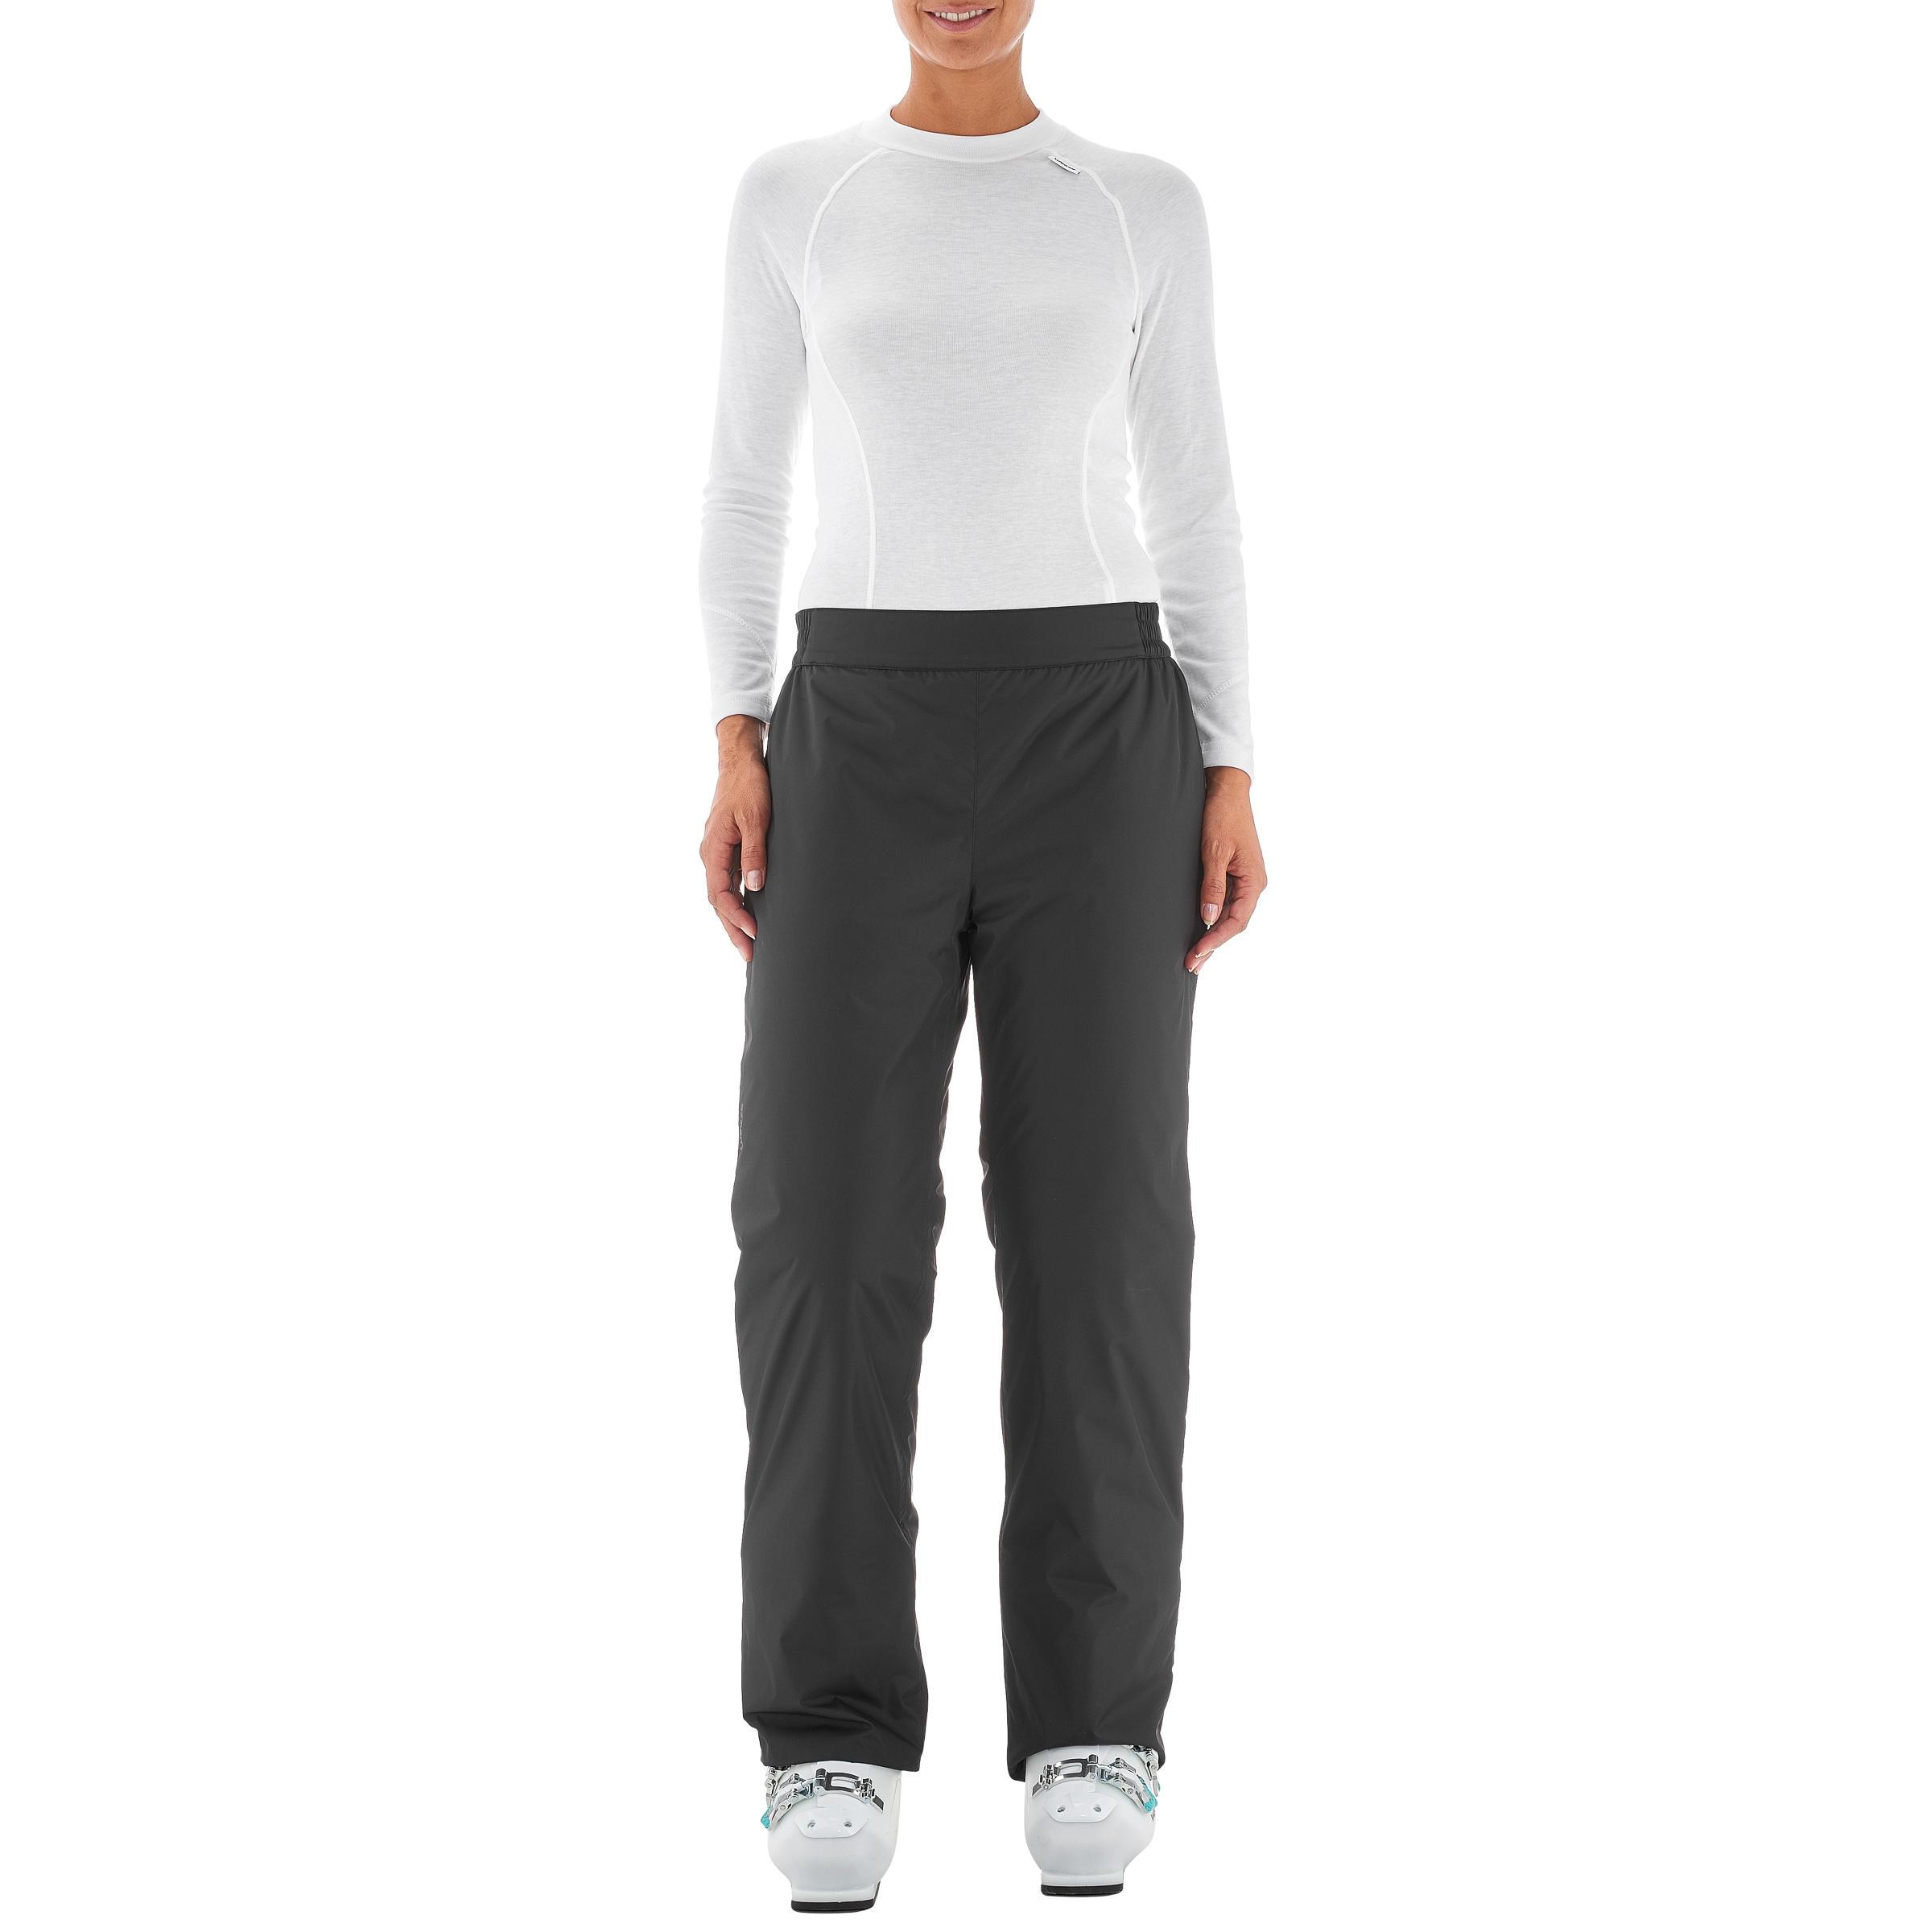 กางเกงผู้หญิงสำหรับใส่เล่นสกีลงเขารุ่น SKI-P PA 50 (สีดำ)